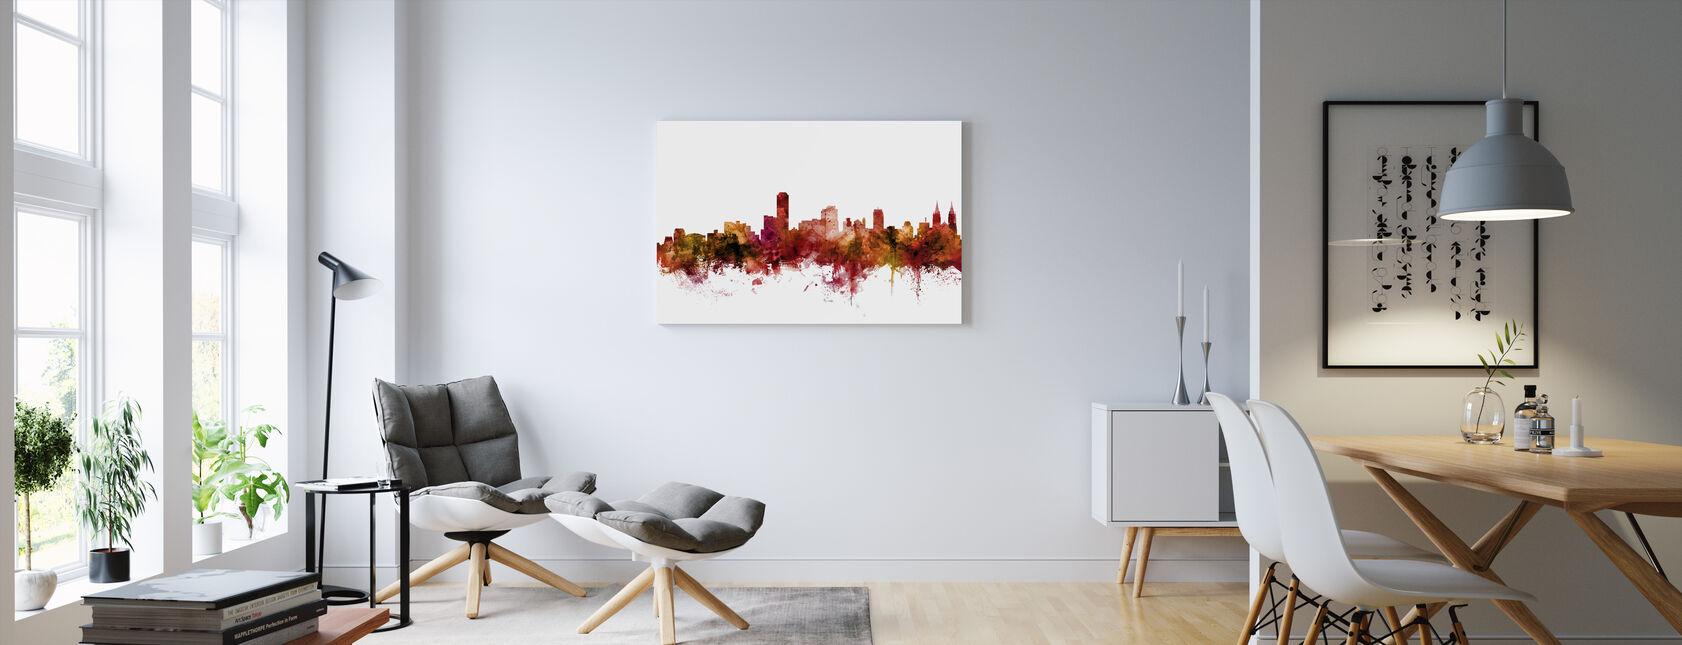 Skyline van Adelaide Australië - Canvas print - Woonkamer